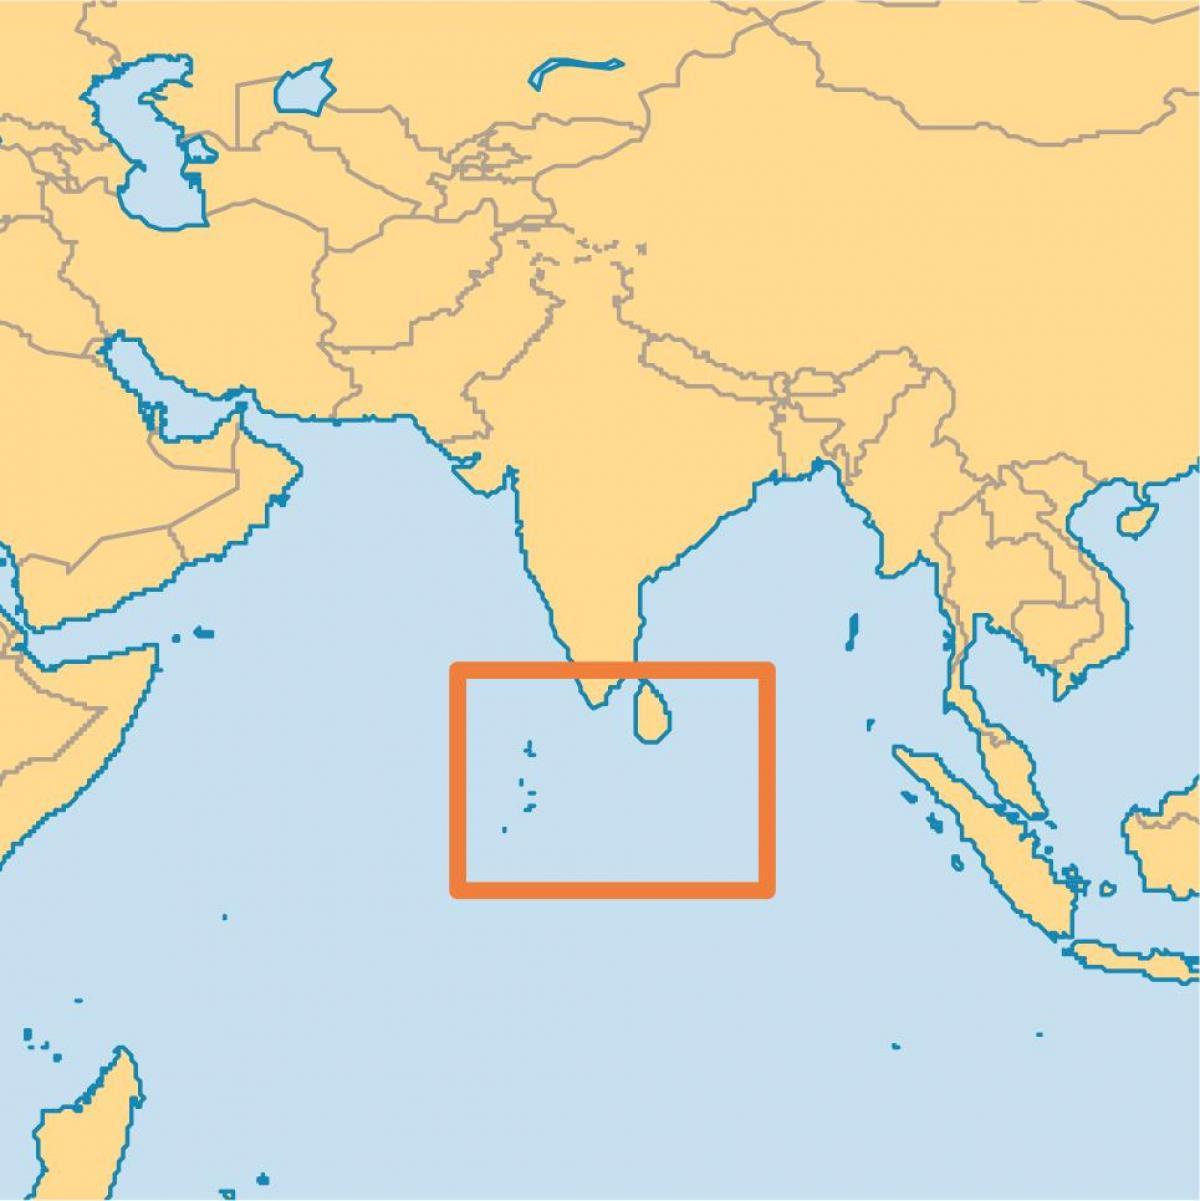 Maldives On A World Map.World Map Maldives Islands Maldives Island Location On World Map